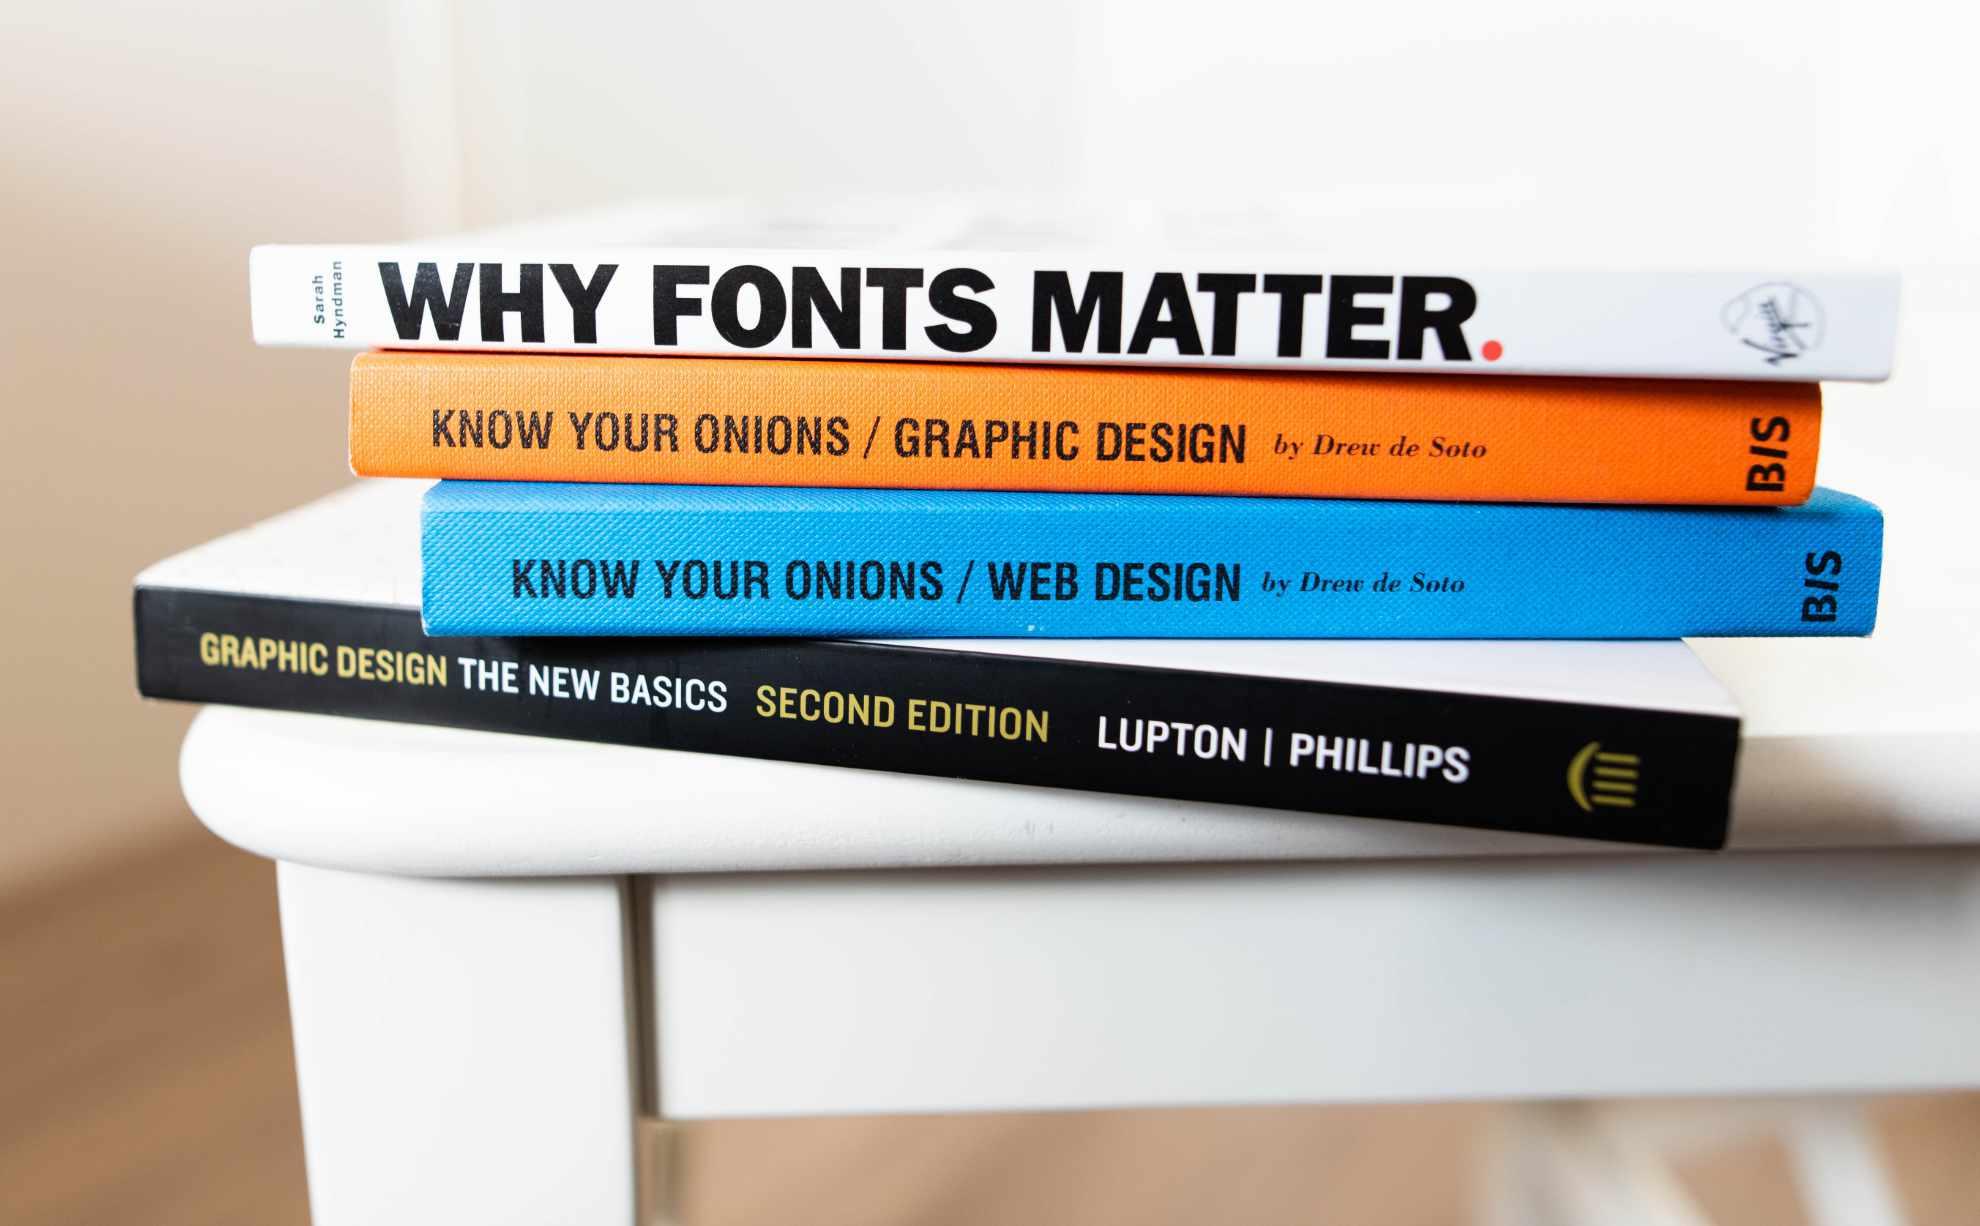 """Vier Bücher liegen auf einem Tisch, darunter das Buch """"Fonts Matter"""""""